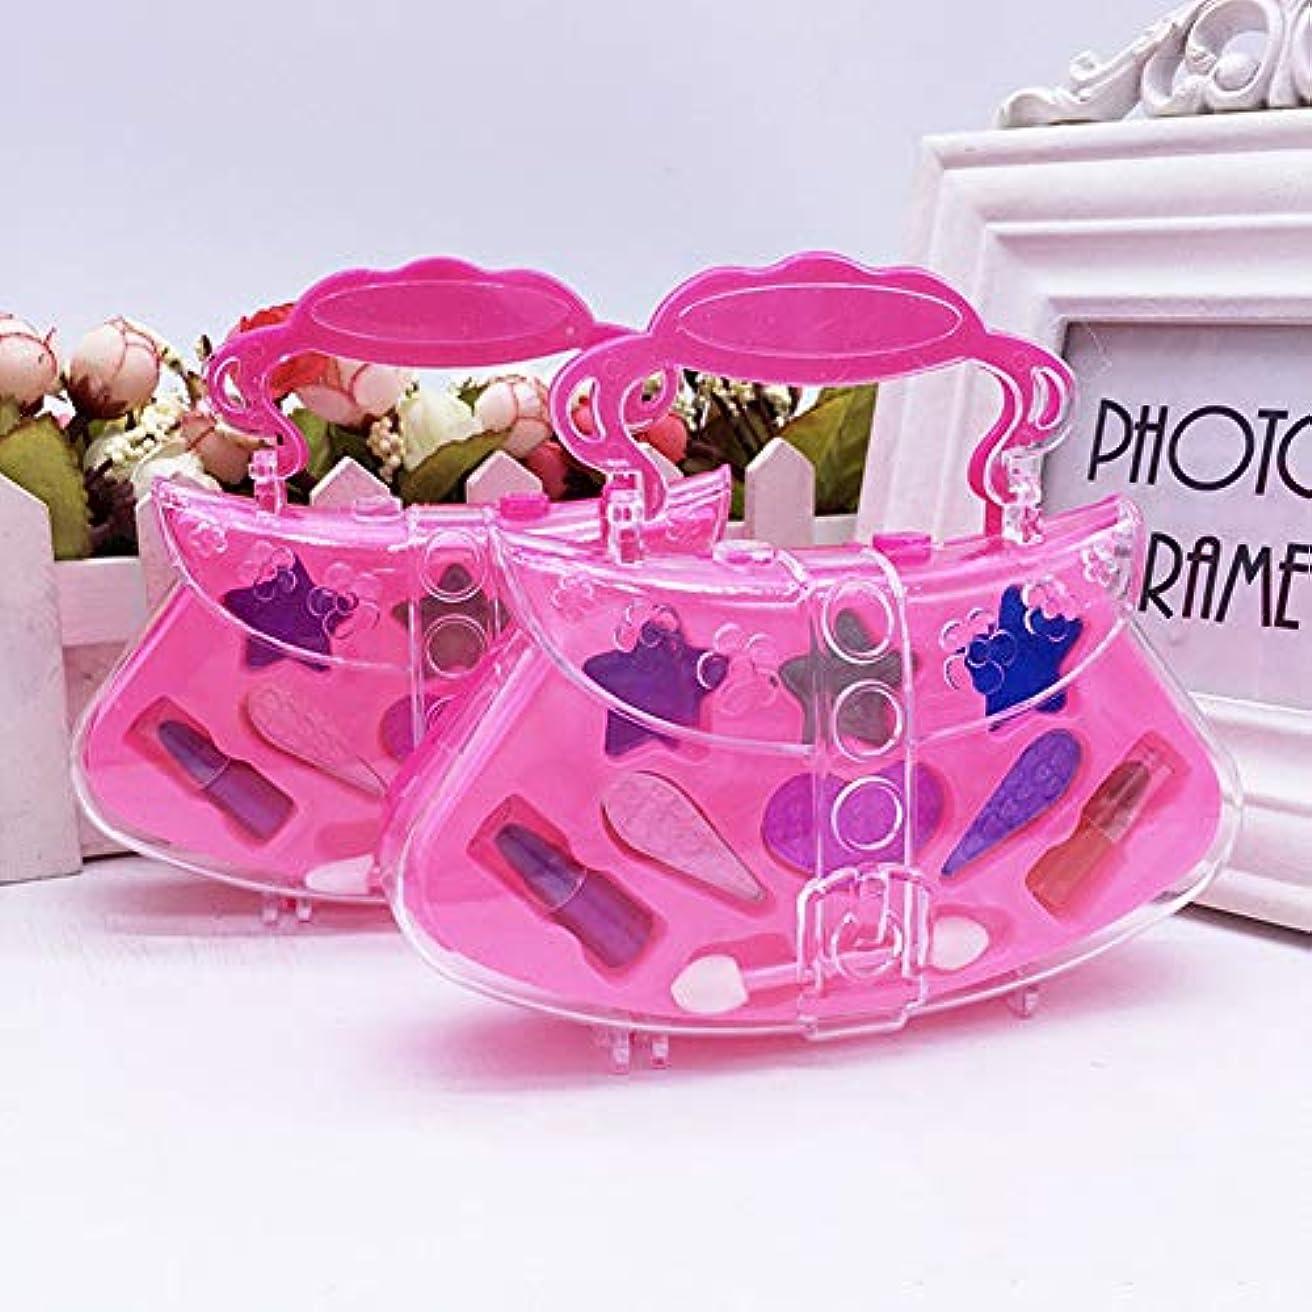 体真剣に暴君ポータブルプリンセスふりプレイ化粧おもちゃセットキッズ子供シミュレーション化粧品 - ピンク